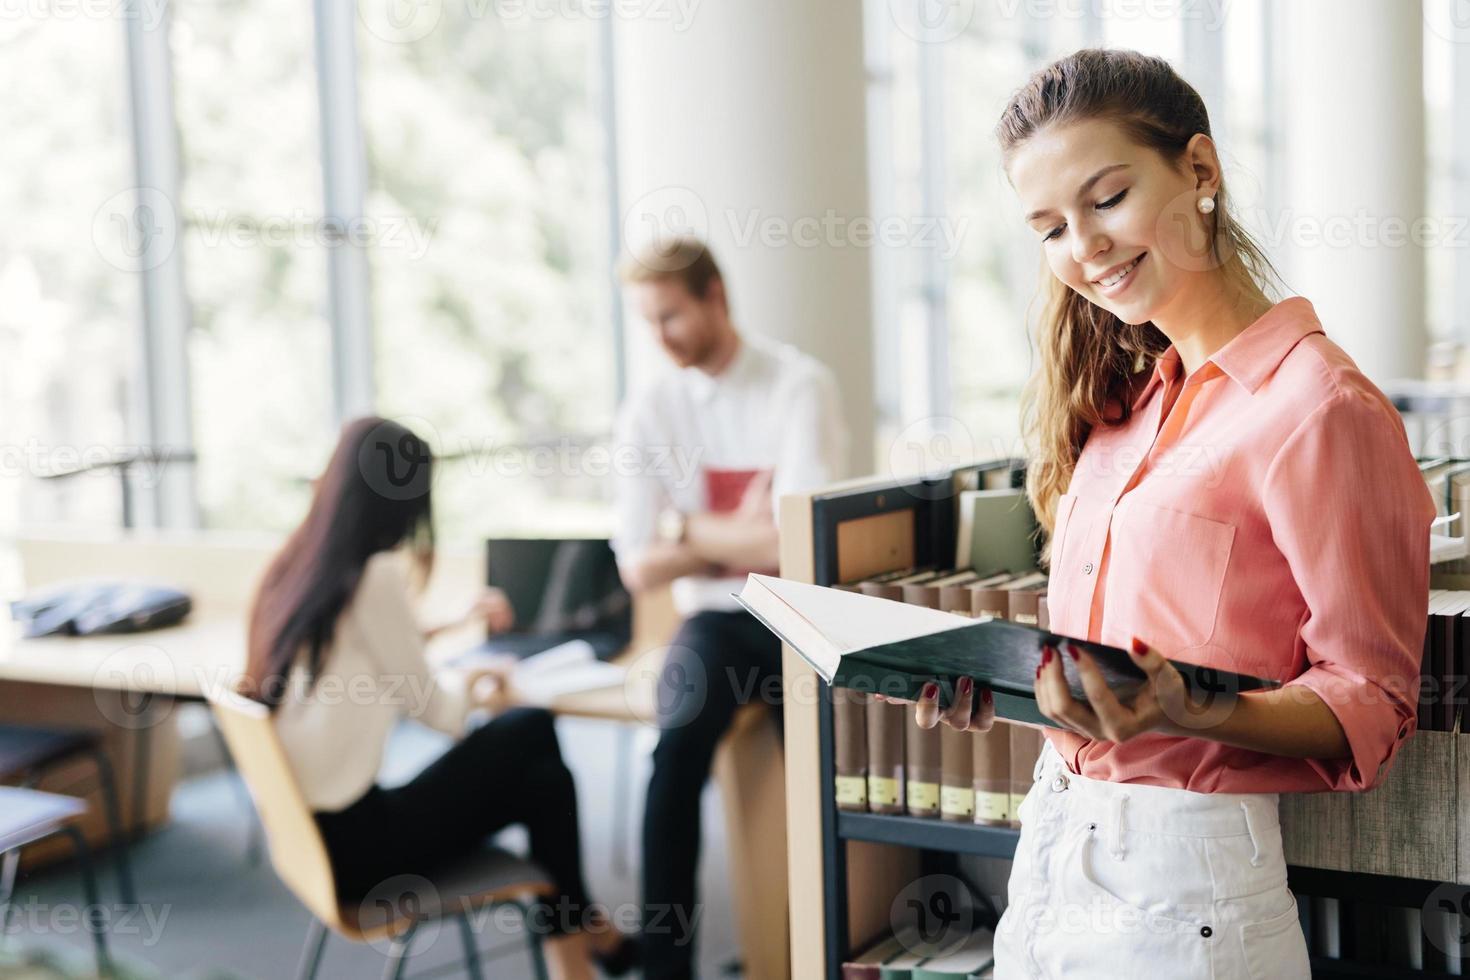 vacker kvinna som läser en bok i ett bibliotek foto